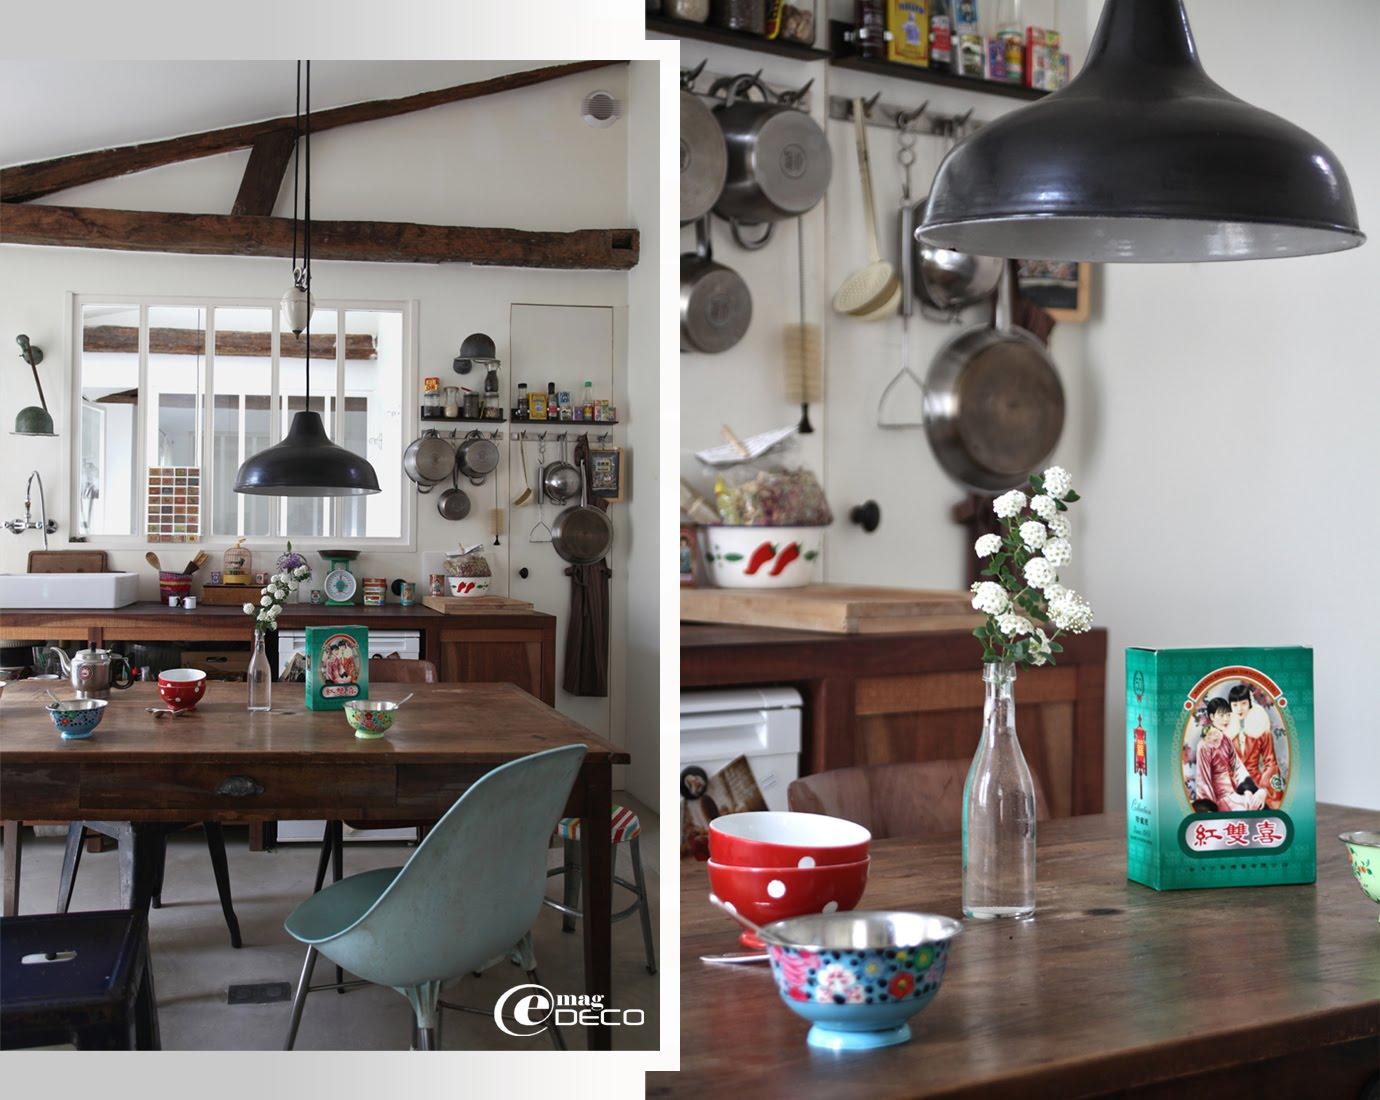 Détail de la cuisine imaginée par l'architecte d'intérieur Agathe Perroy dans un esprit atelier et brocante